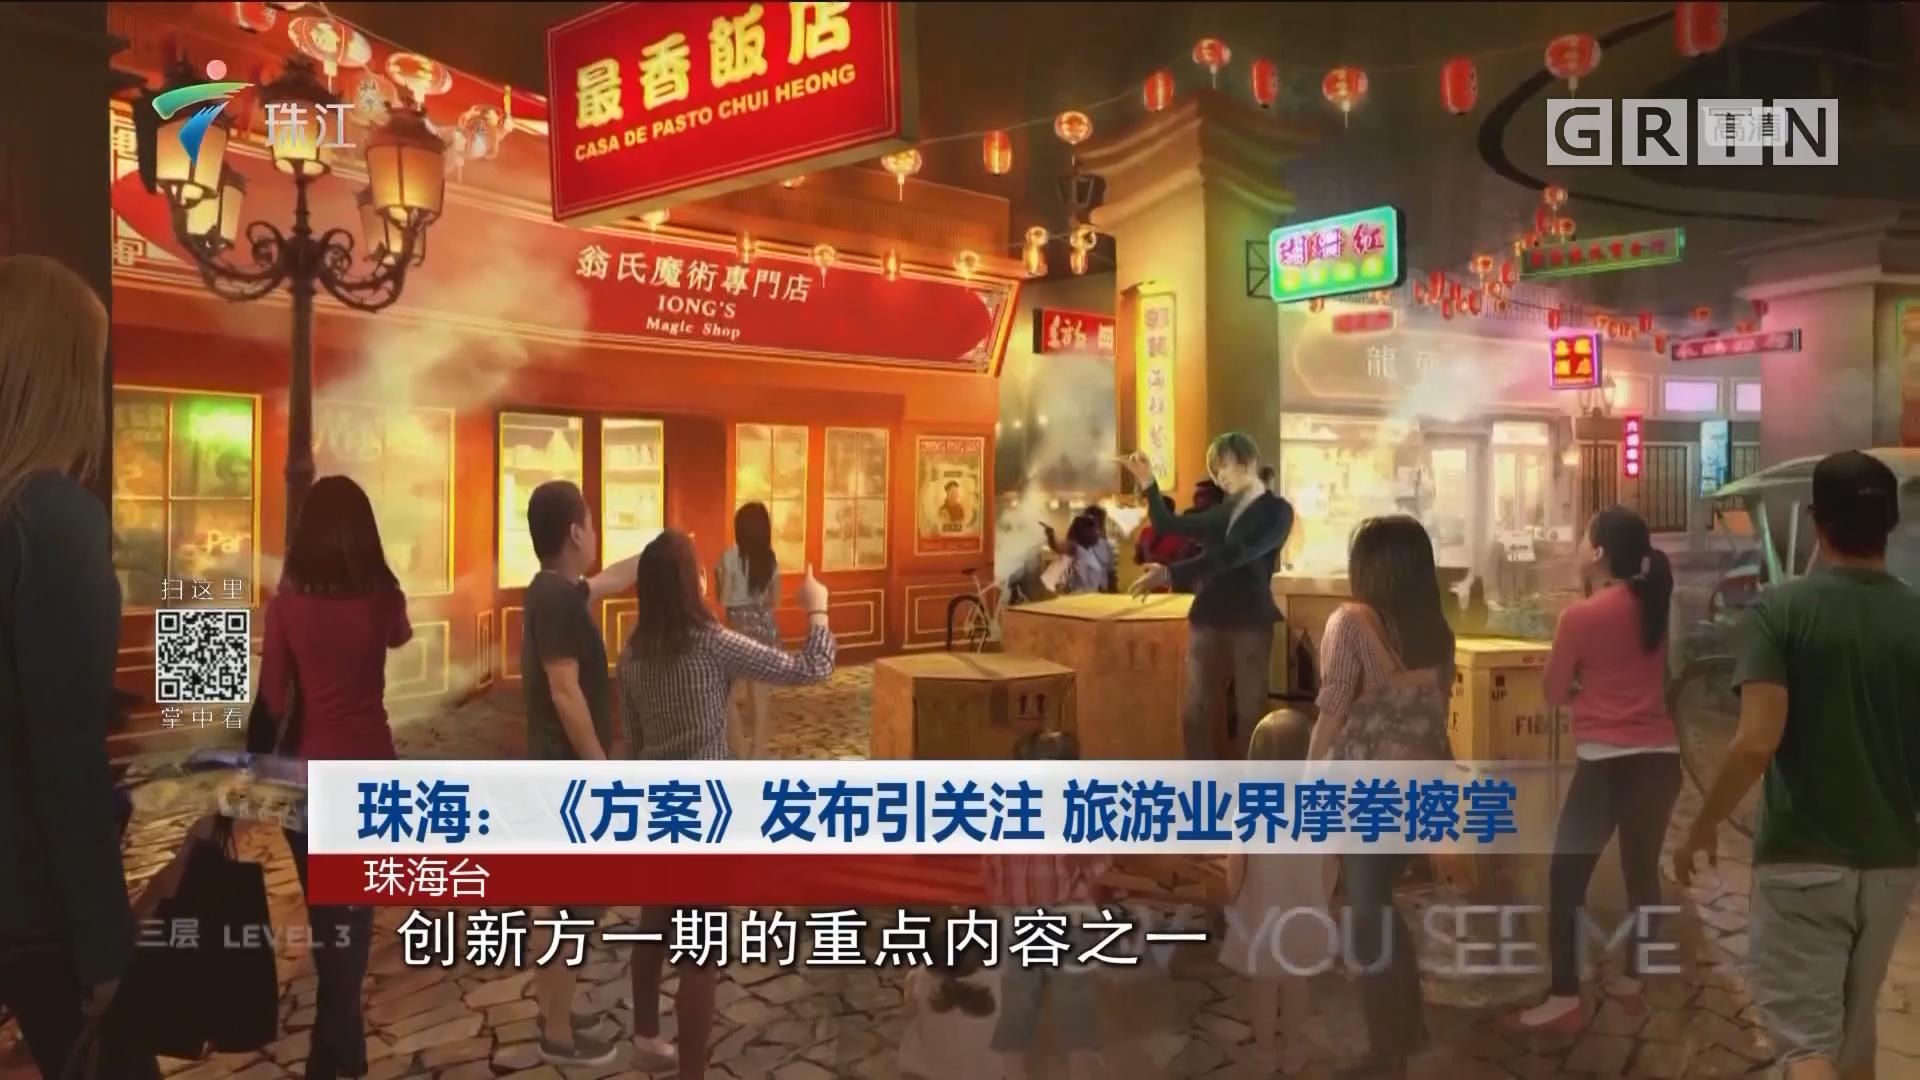 珠海:《方案》发布引关注 旅游业界摩拳擦掌